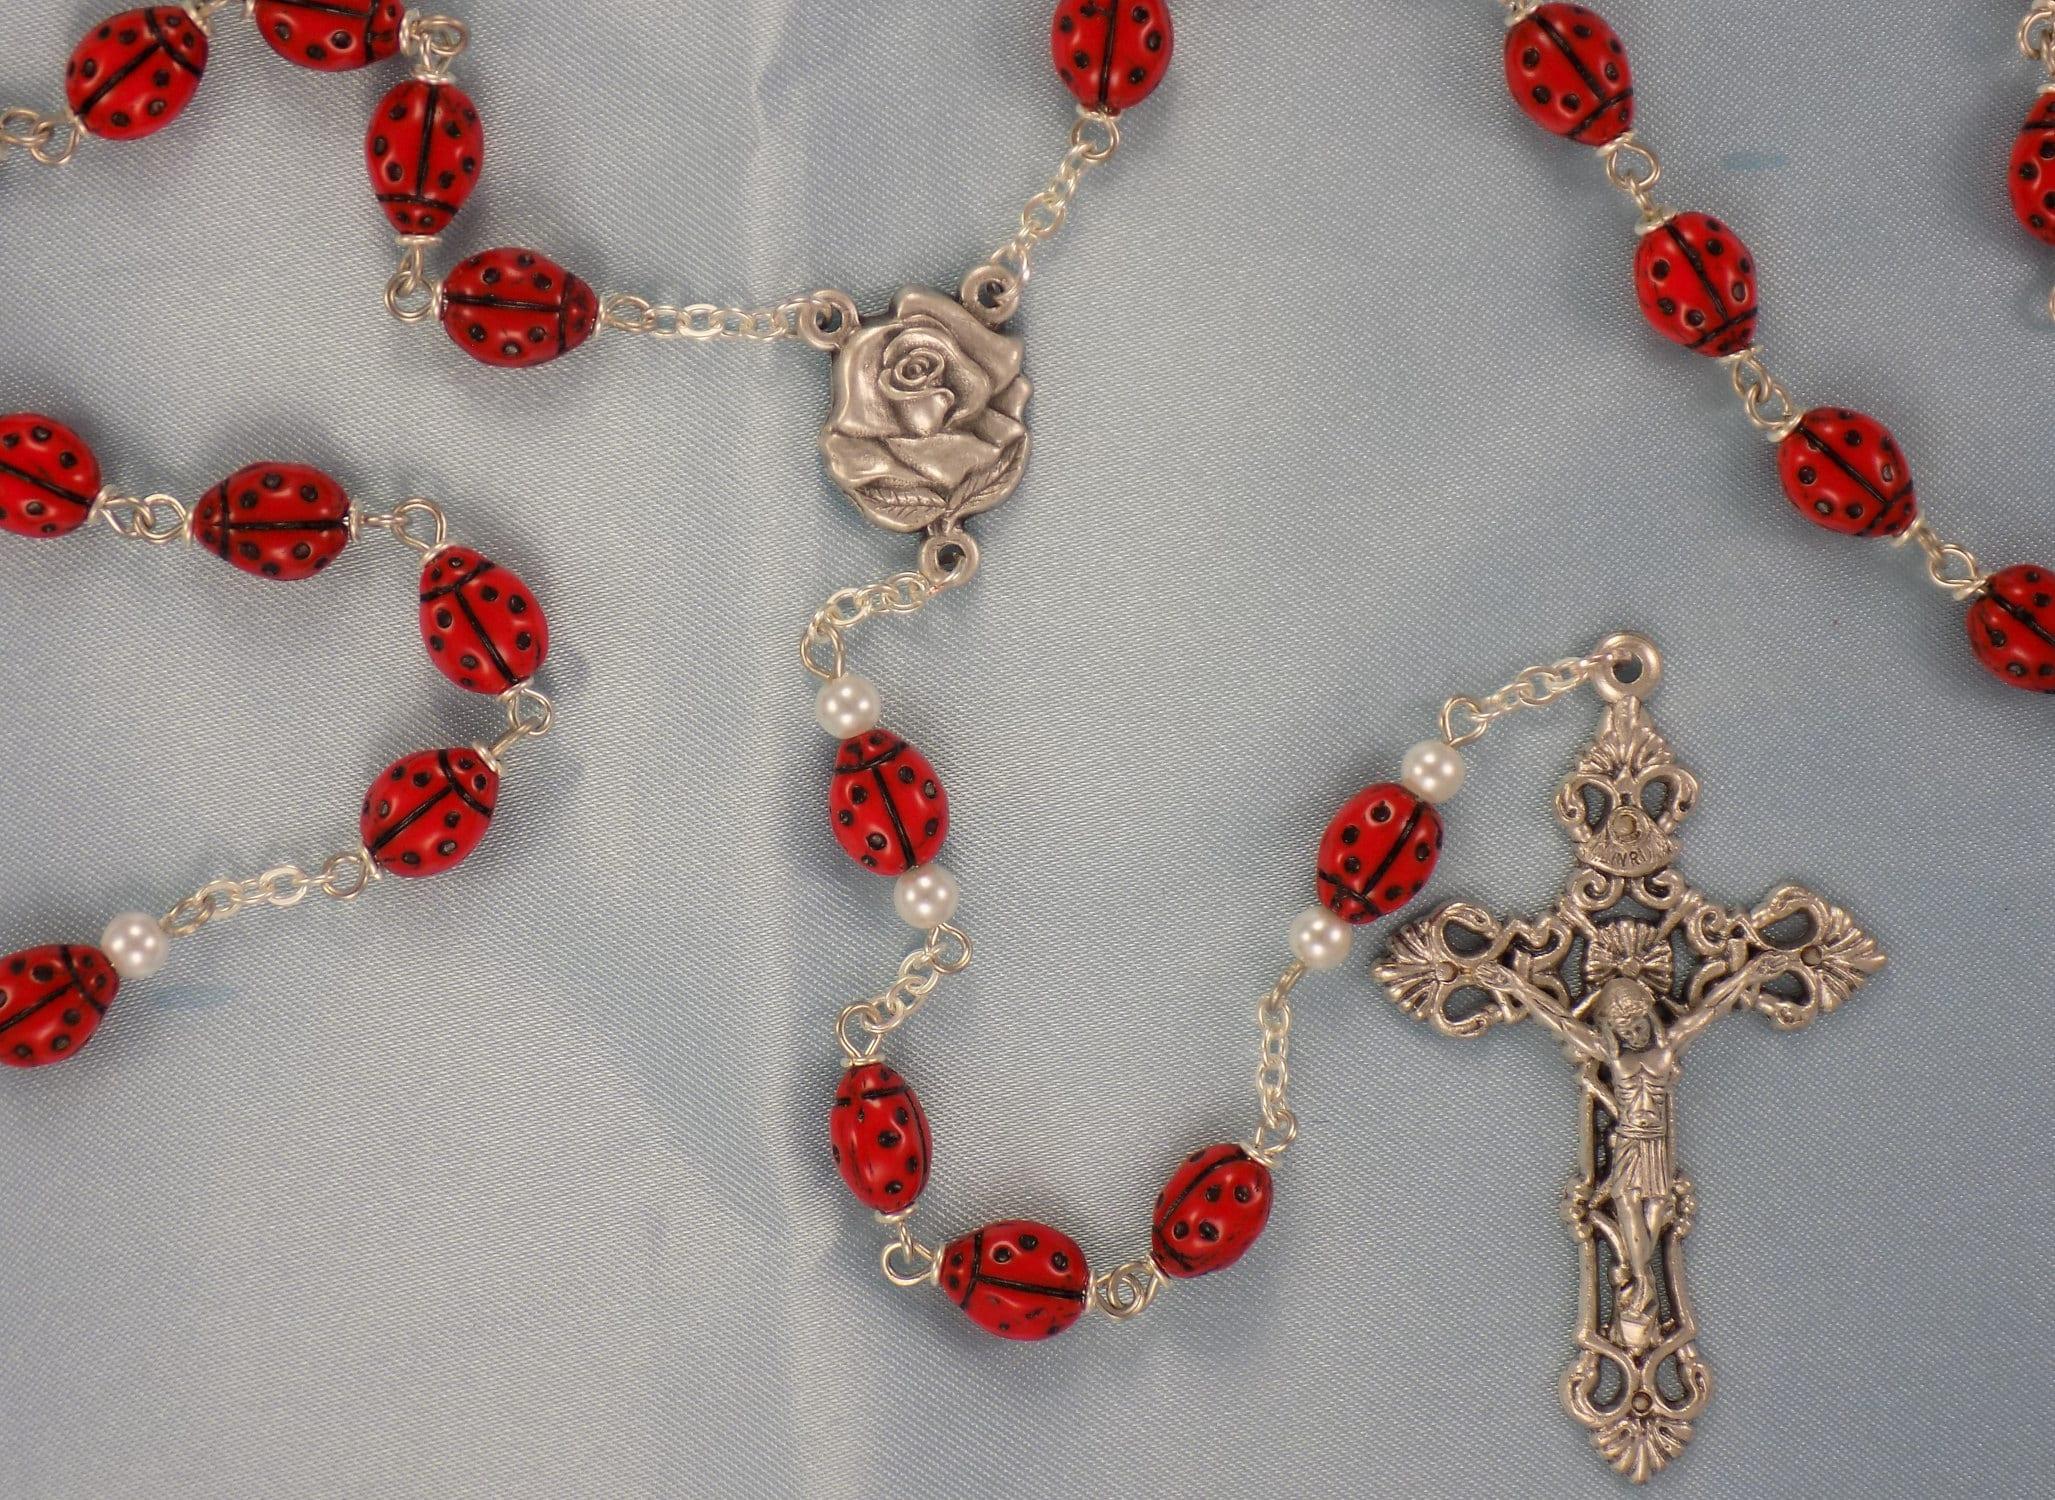 Ladybug Rosary